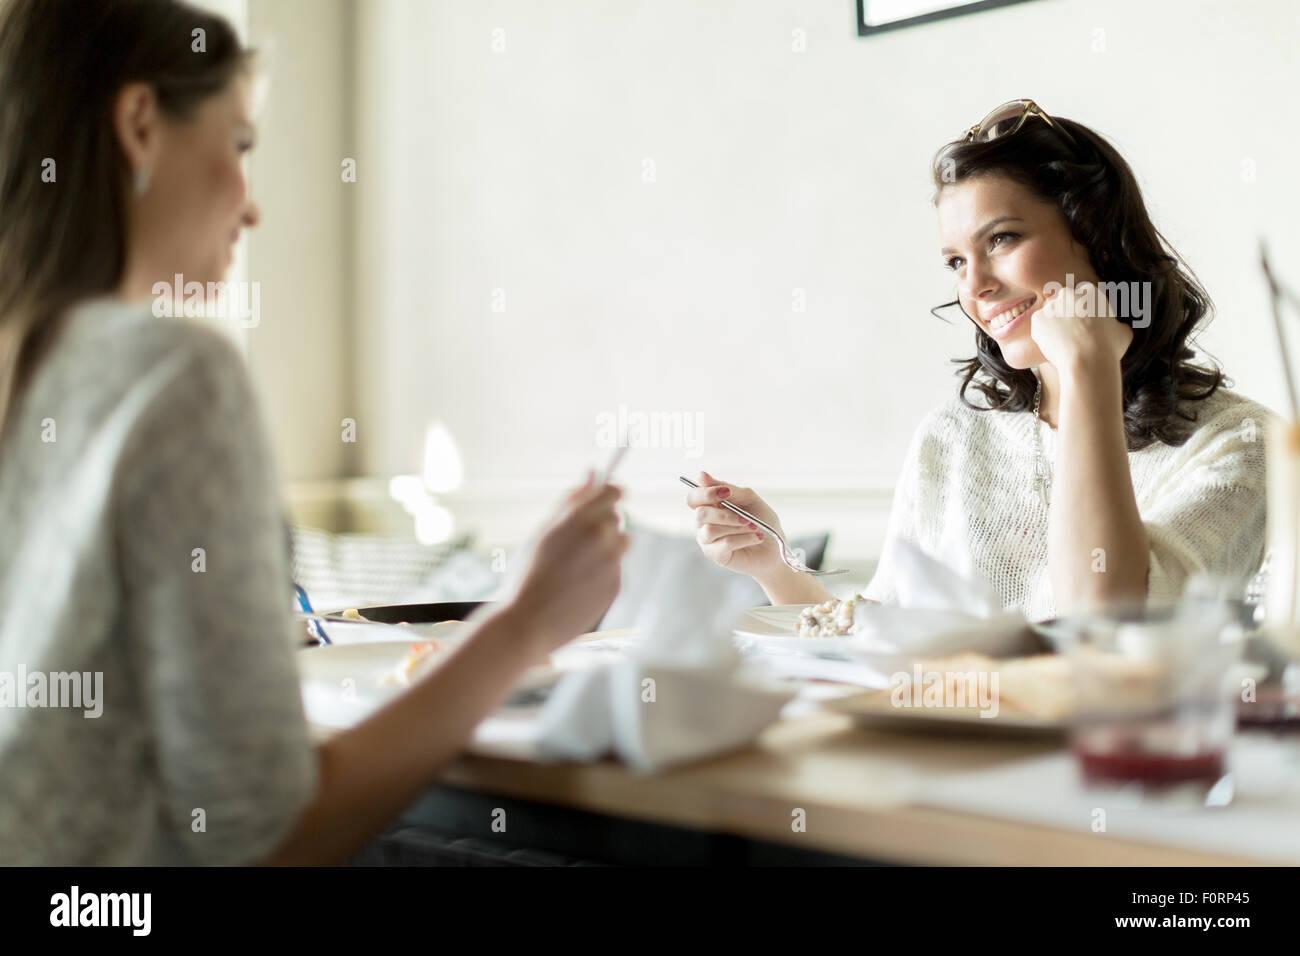 Due gorgeaus signori di mangiare in un ristorante durante una conversazione Immagini Stock